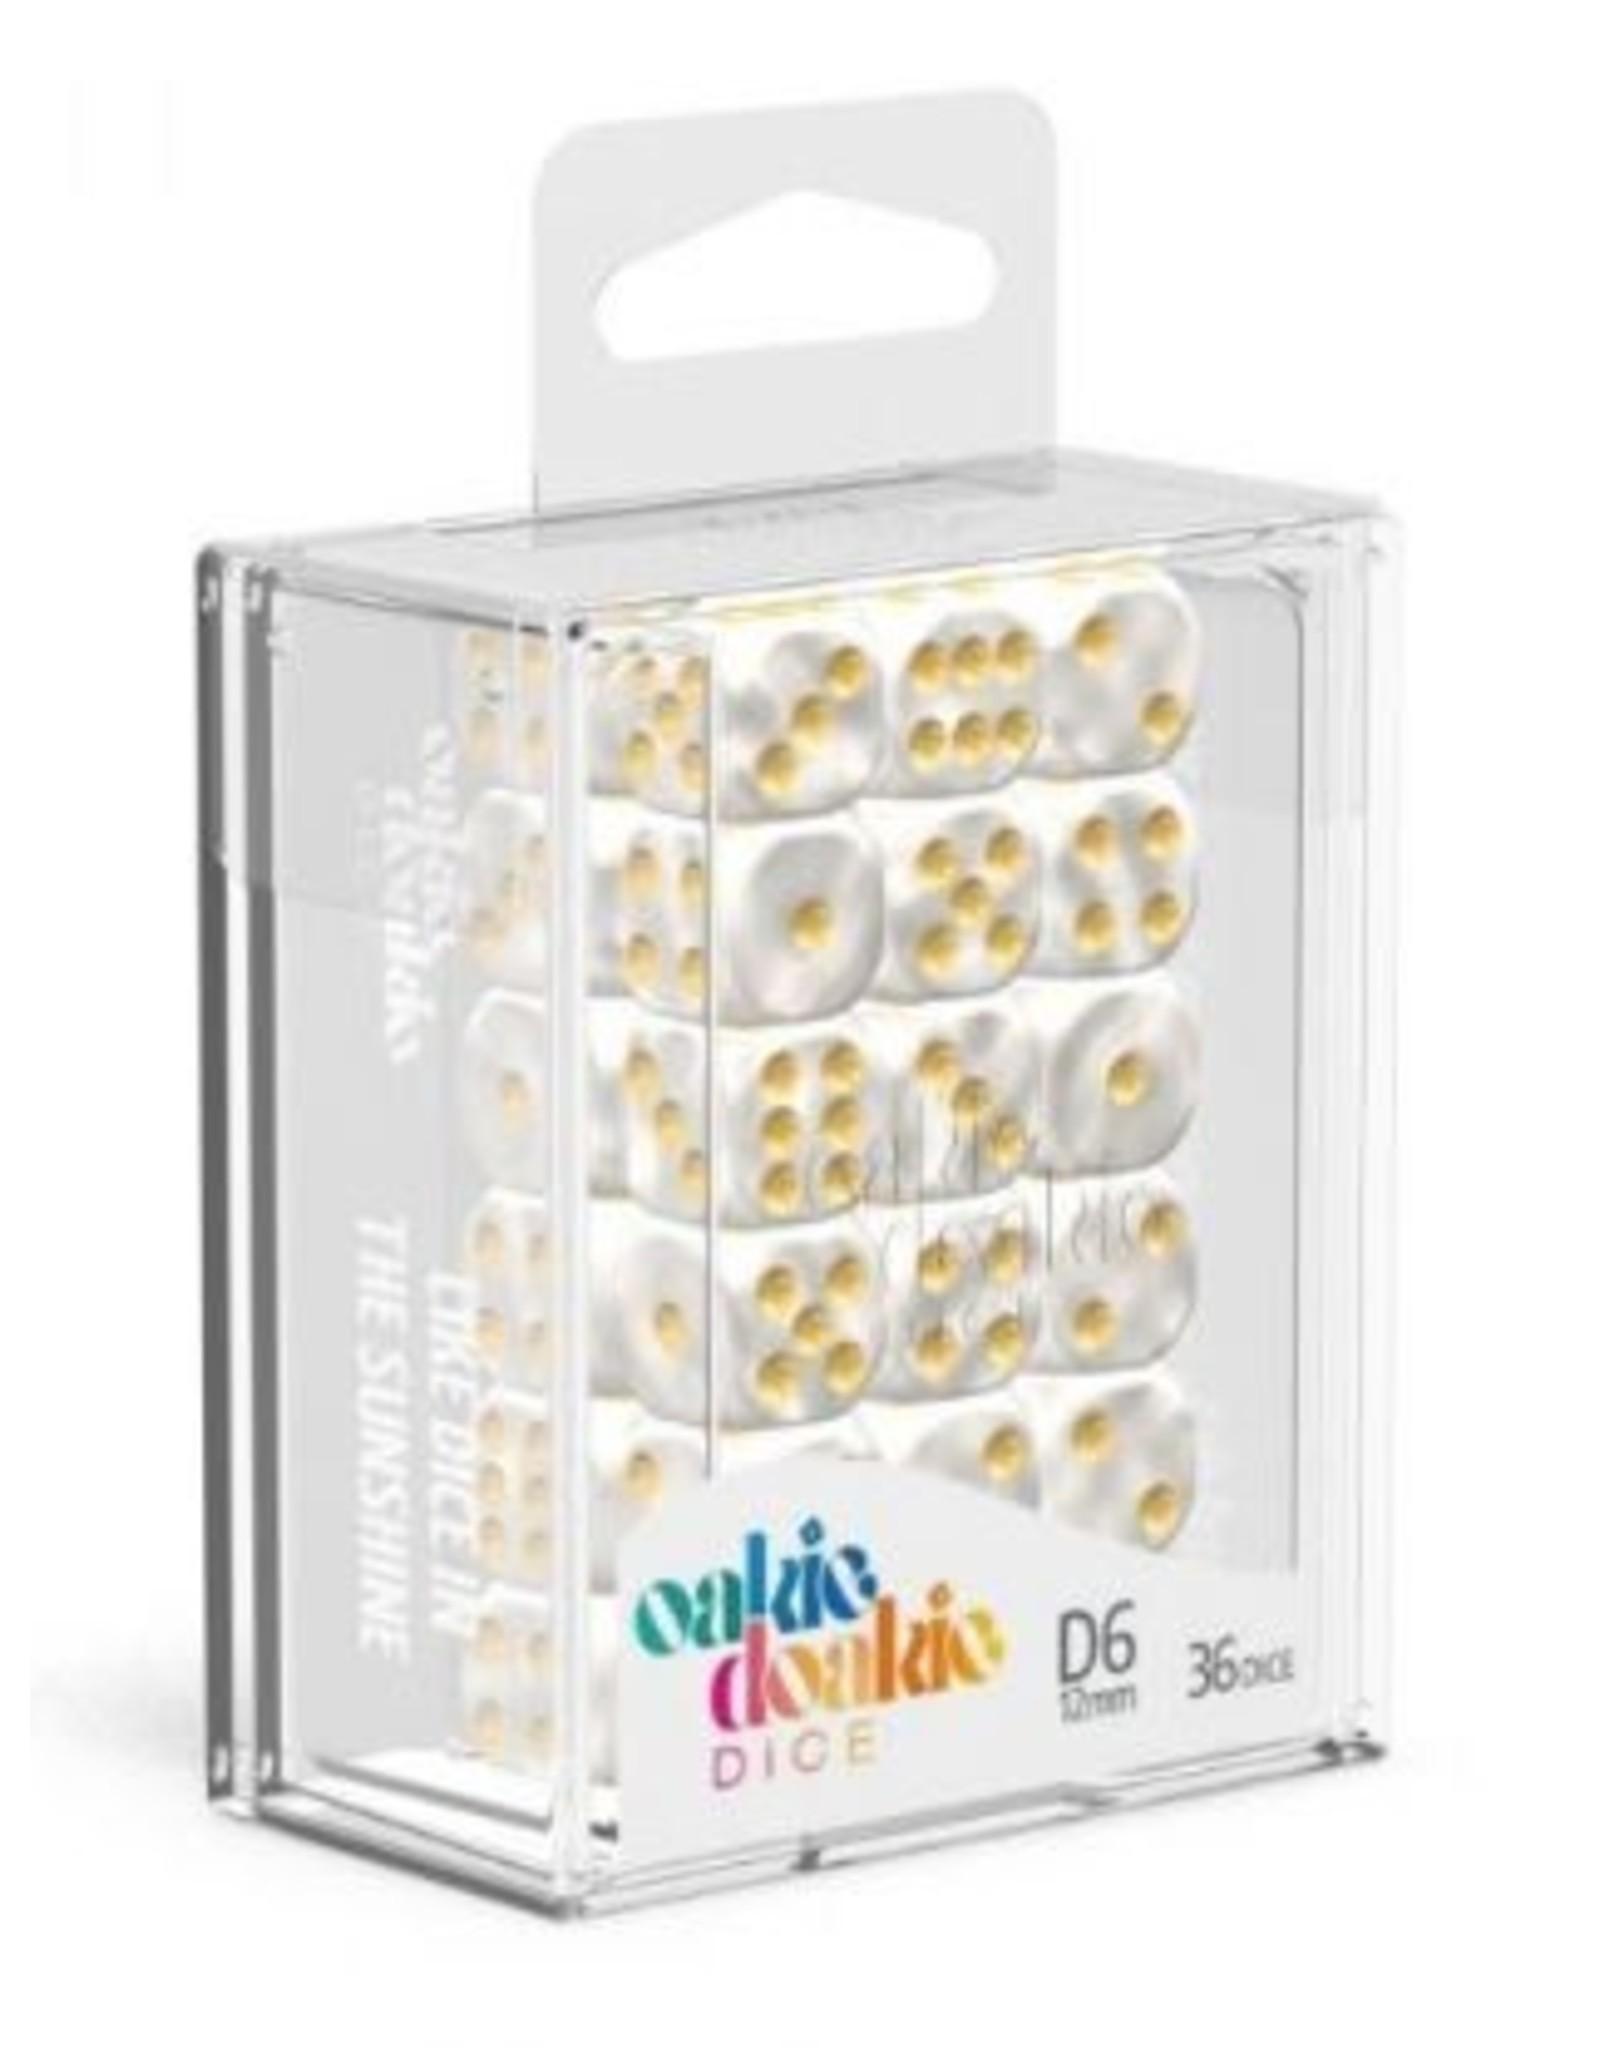 Oakie Doakie Dice D6 12mm Marble White